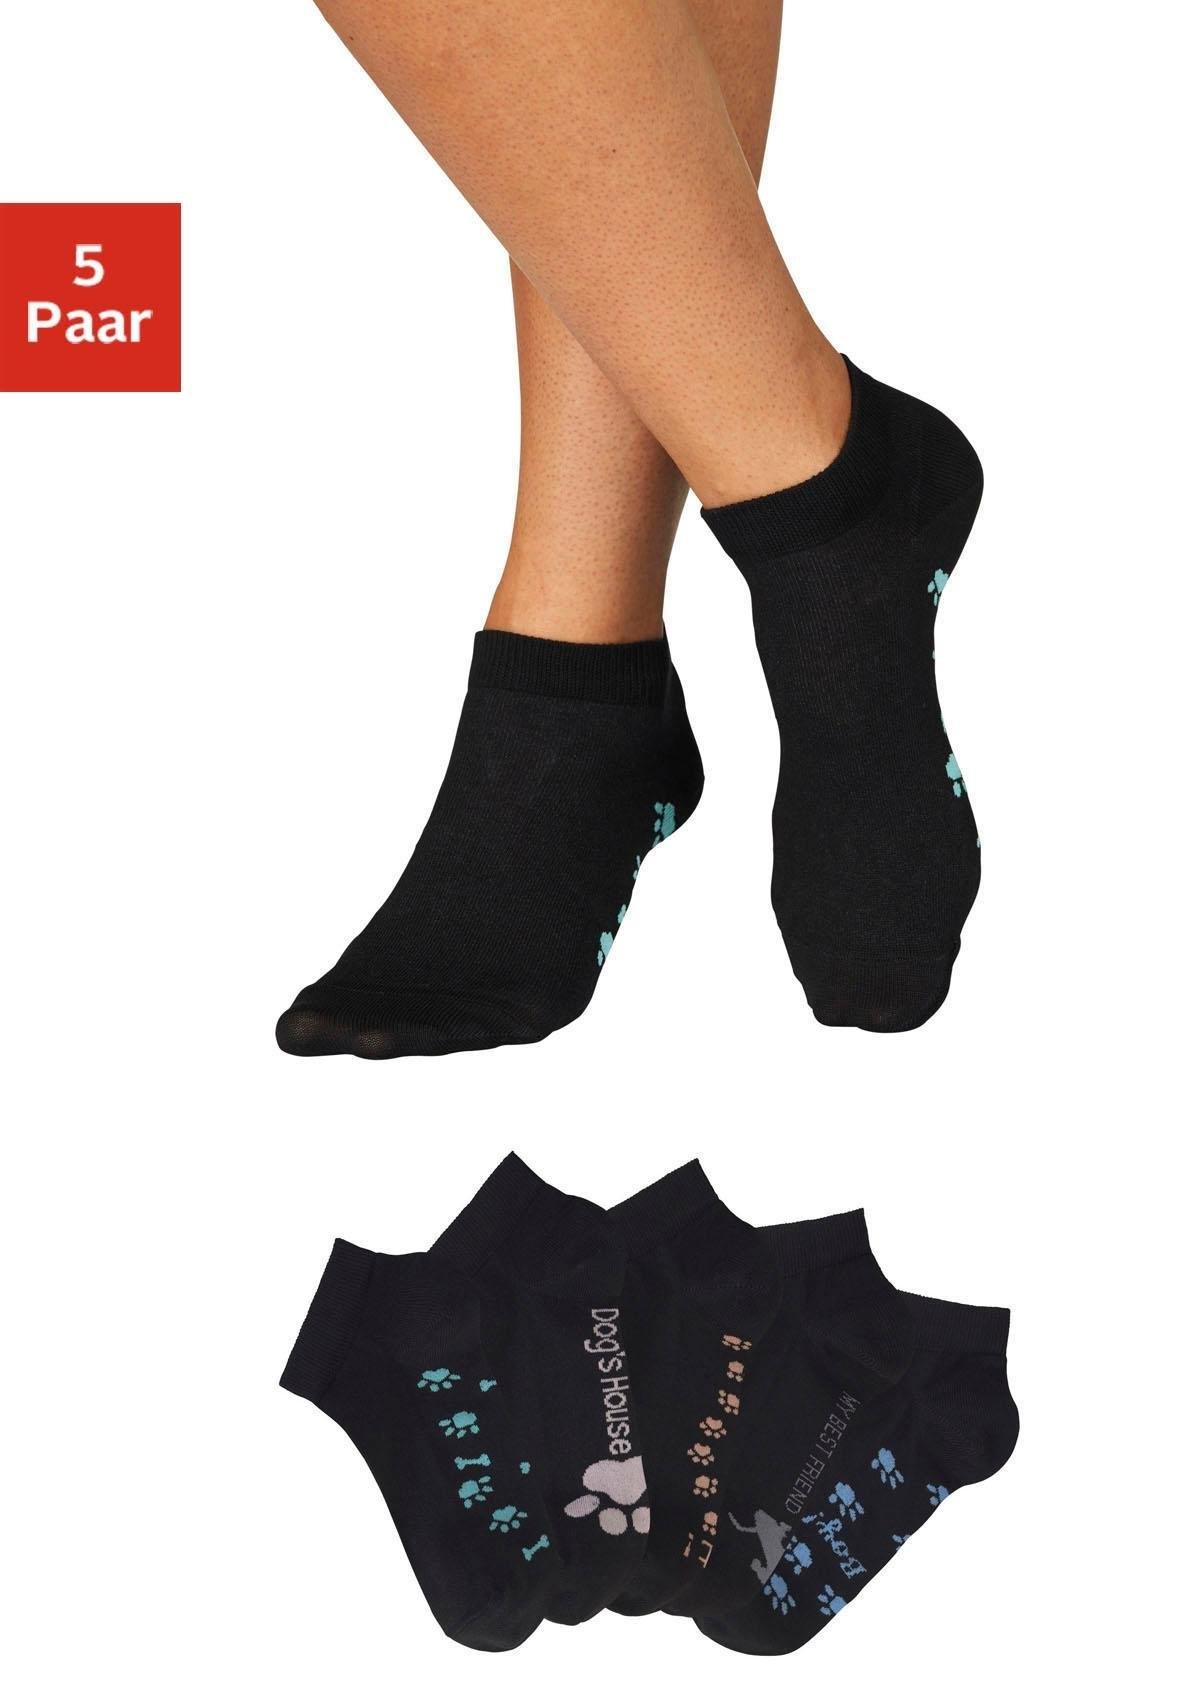 ARIZONA sneakersokken (set van 5 paar) goedkoop op lascana.nl kopen